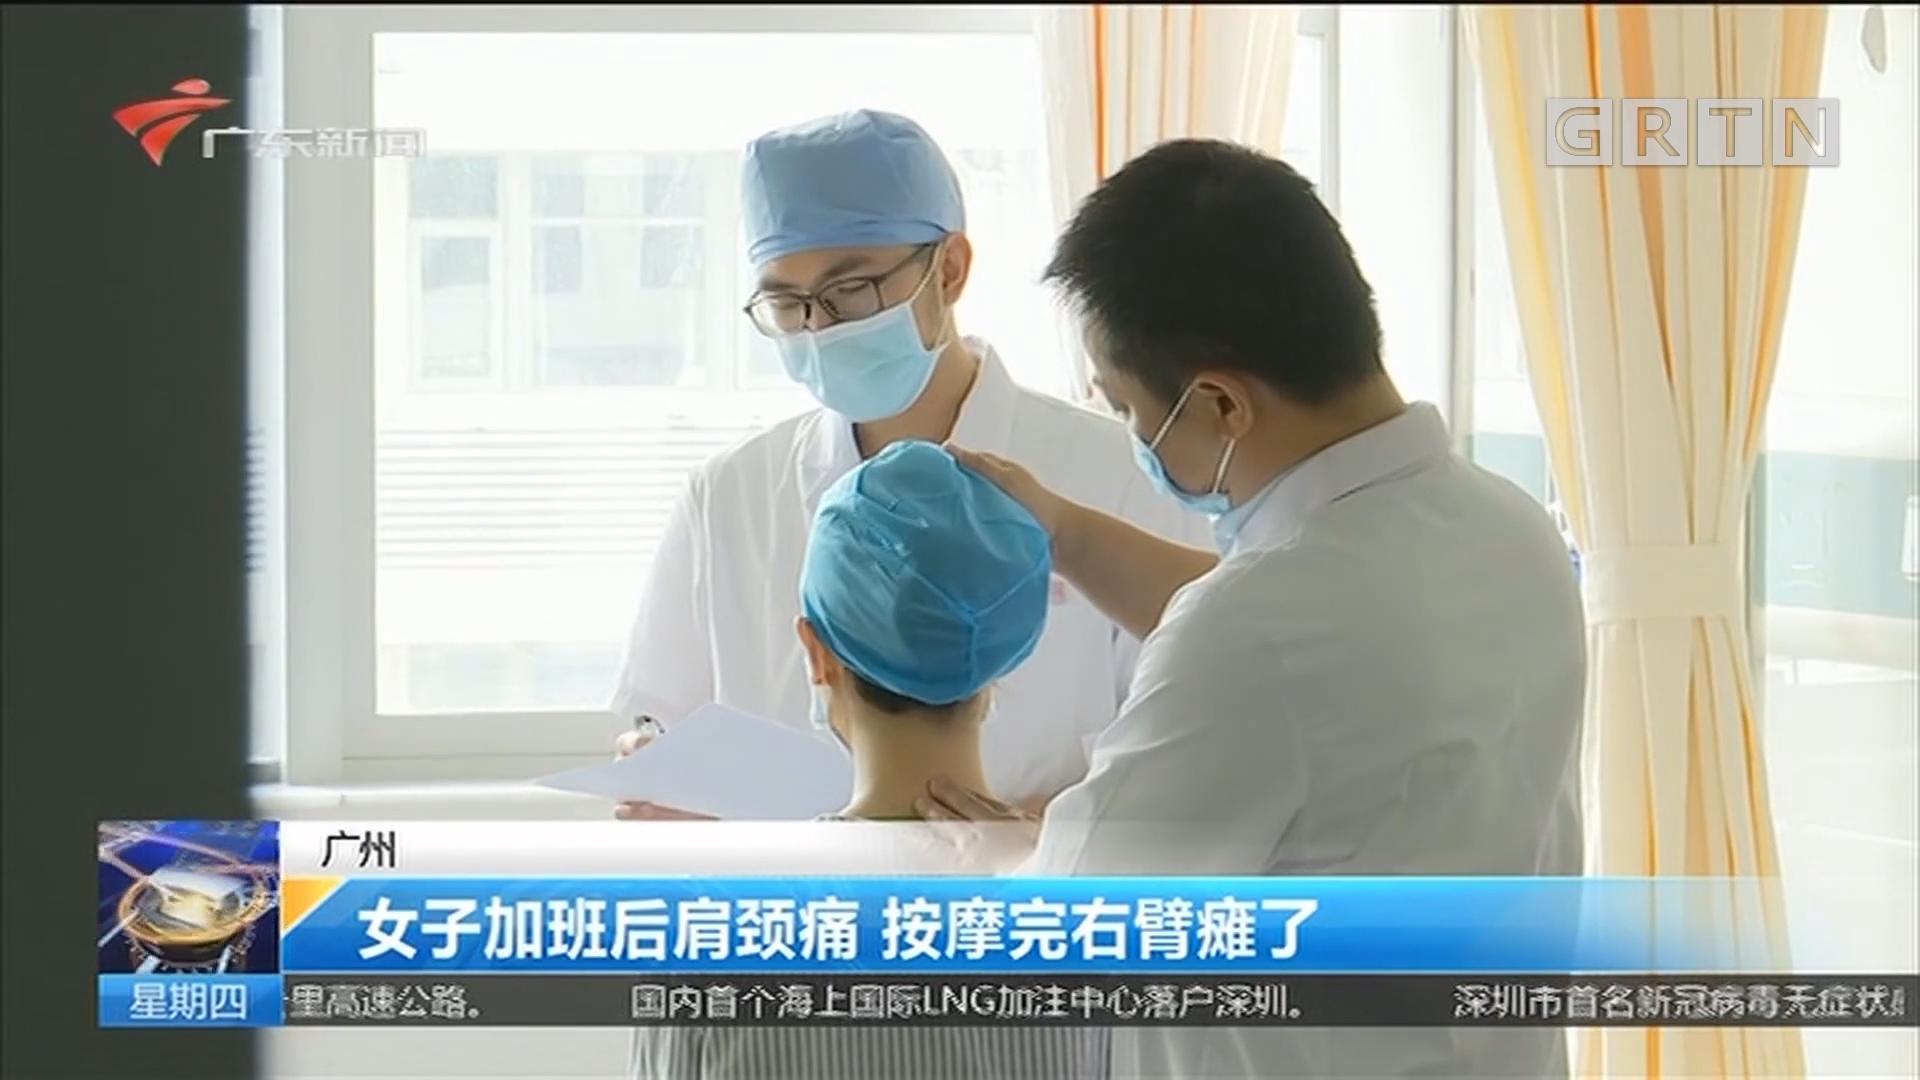 广州:女子加班后肩颈痛 按摩完右臂瘫了